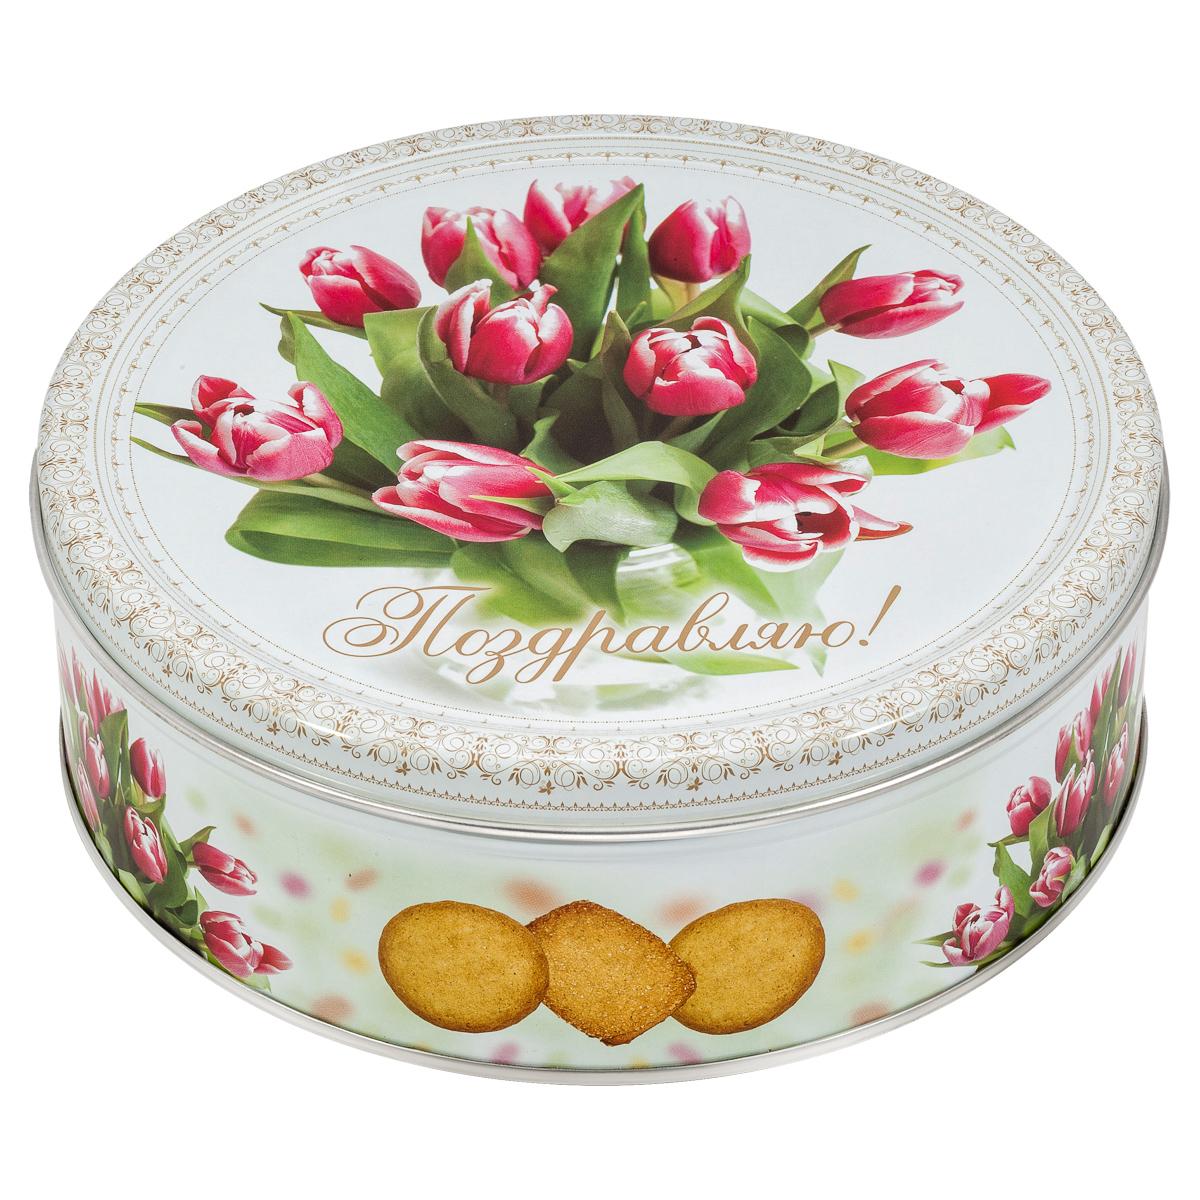 Сладкая Сказка Monte Christo Тюльпаны печенье со сливочным маслом, 400 г monte christo ретромобиль печенье со сливочным маслом 400 г